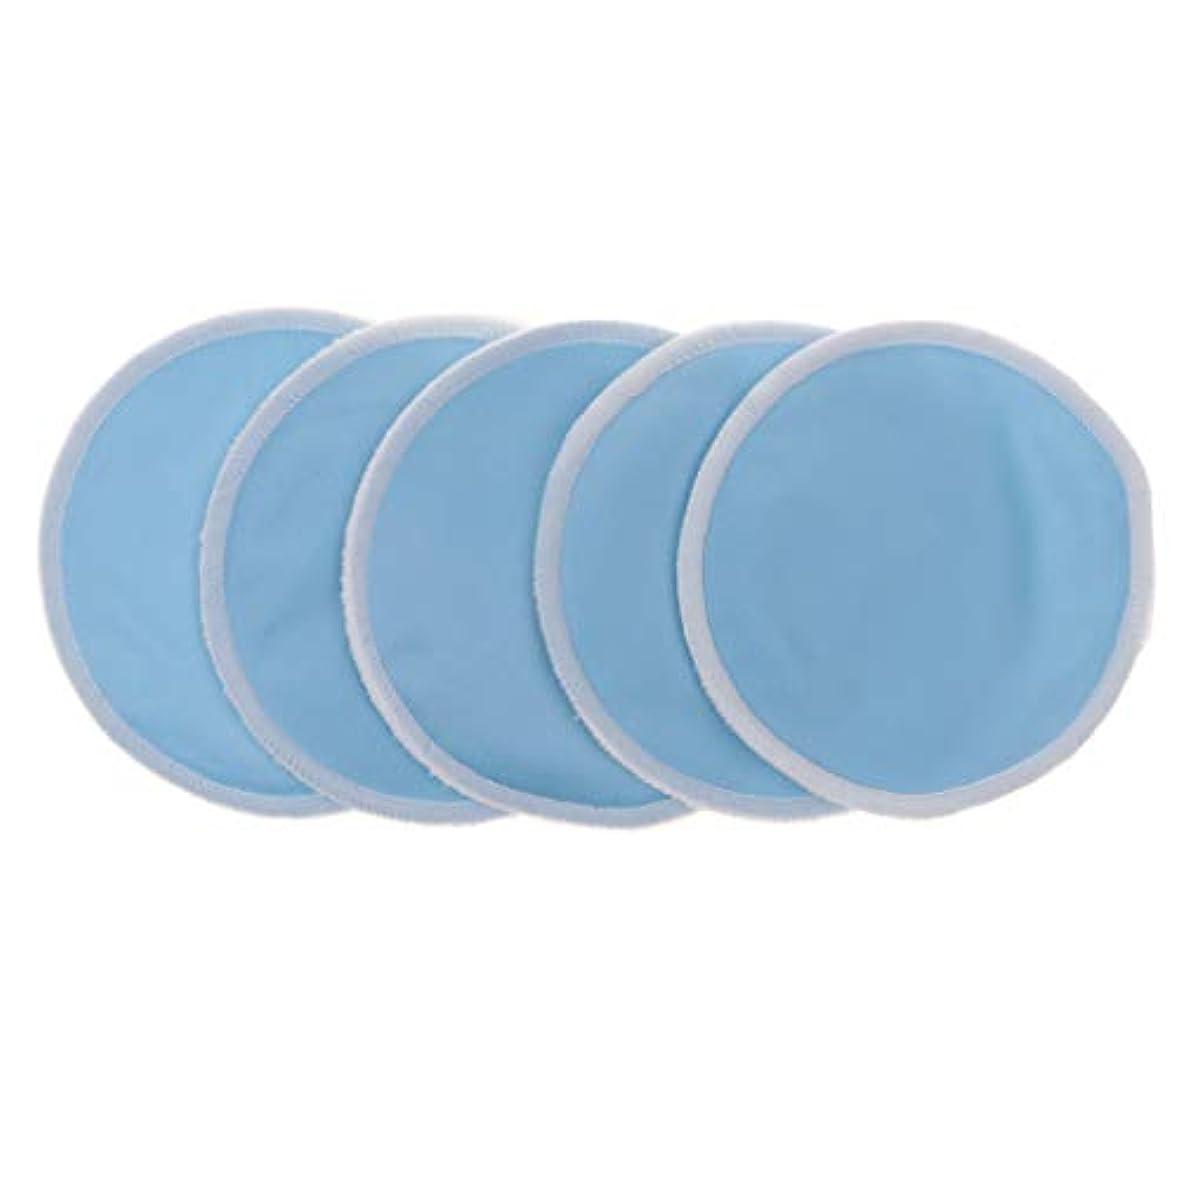 に慣れ捕虜羊飼い全5色 胸パッド クレンジングシート メイクアップ 竹繊維 12cm 洗える 再使用可 実用的 5個入 - 青